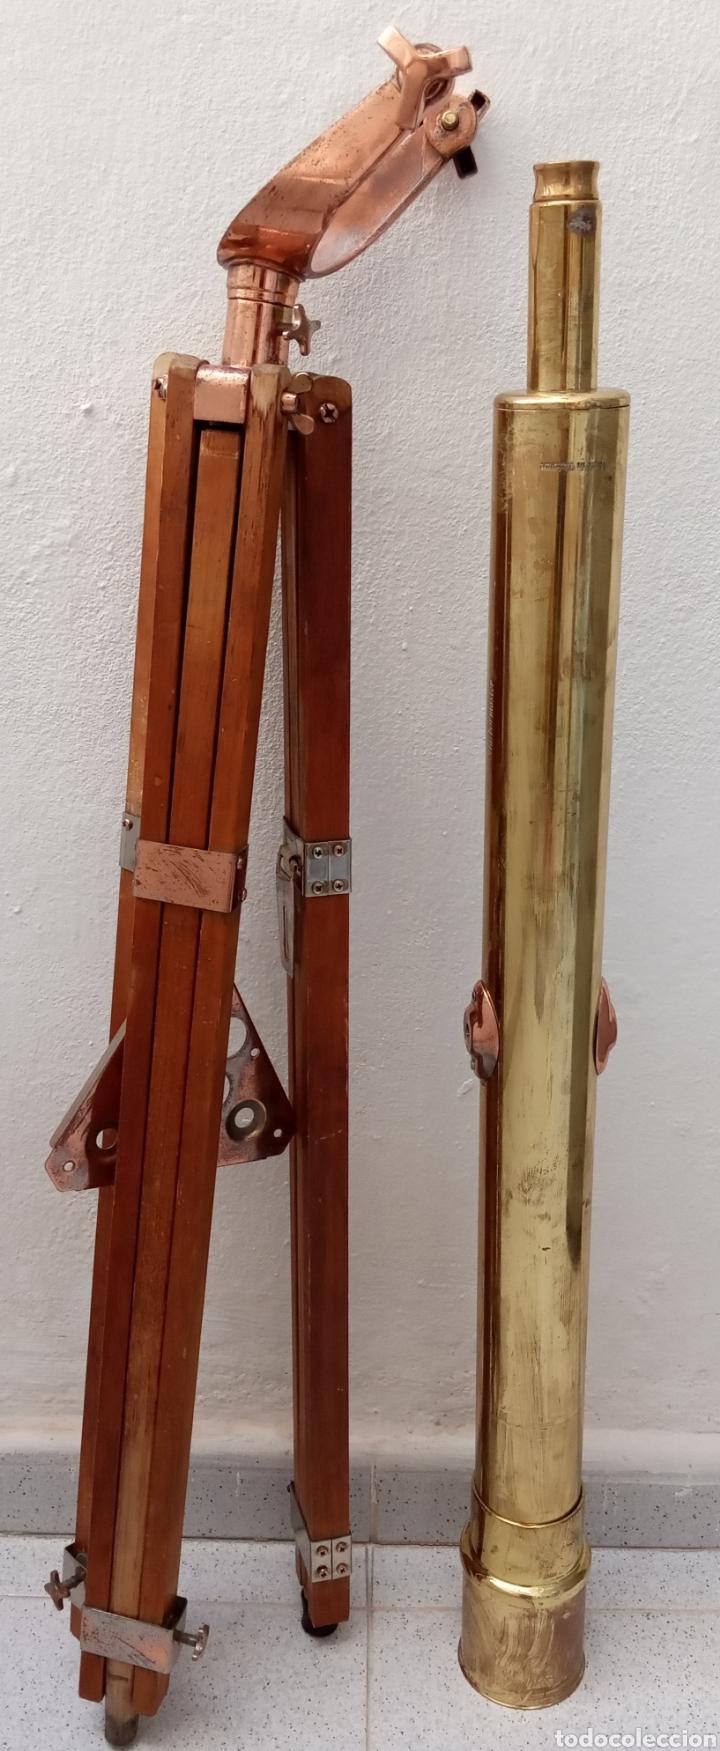 BONITA REPRODUCCIÓN DEL TELESCOPIO CATALEJO BUSHNELL HARBORMASTER EN LATÓN.VER FOTOS Y DESCRIPCIÓN. (Antigüedades - Técnicas - Instrumentos Ópticos - Catalejos Antiguos)